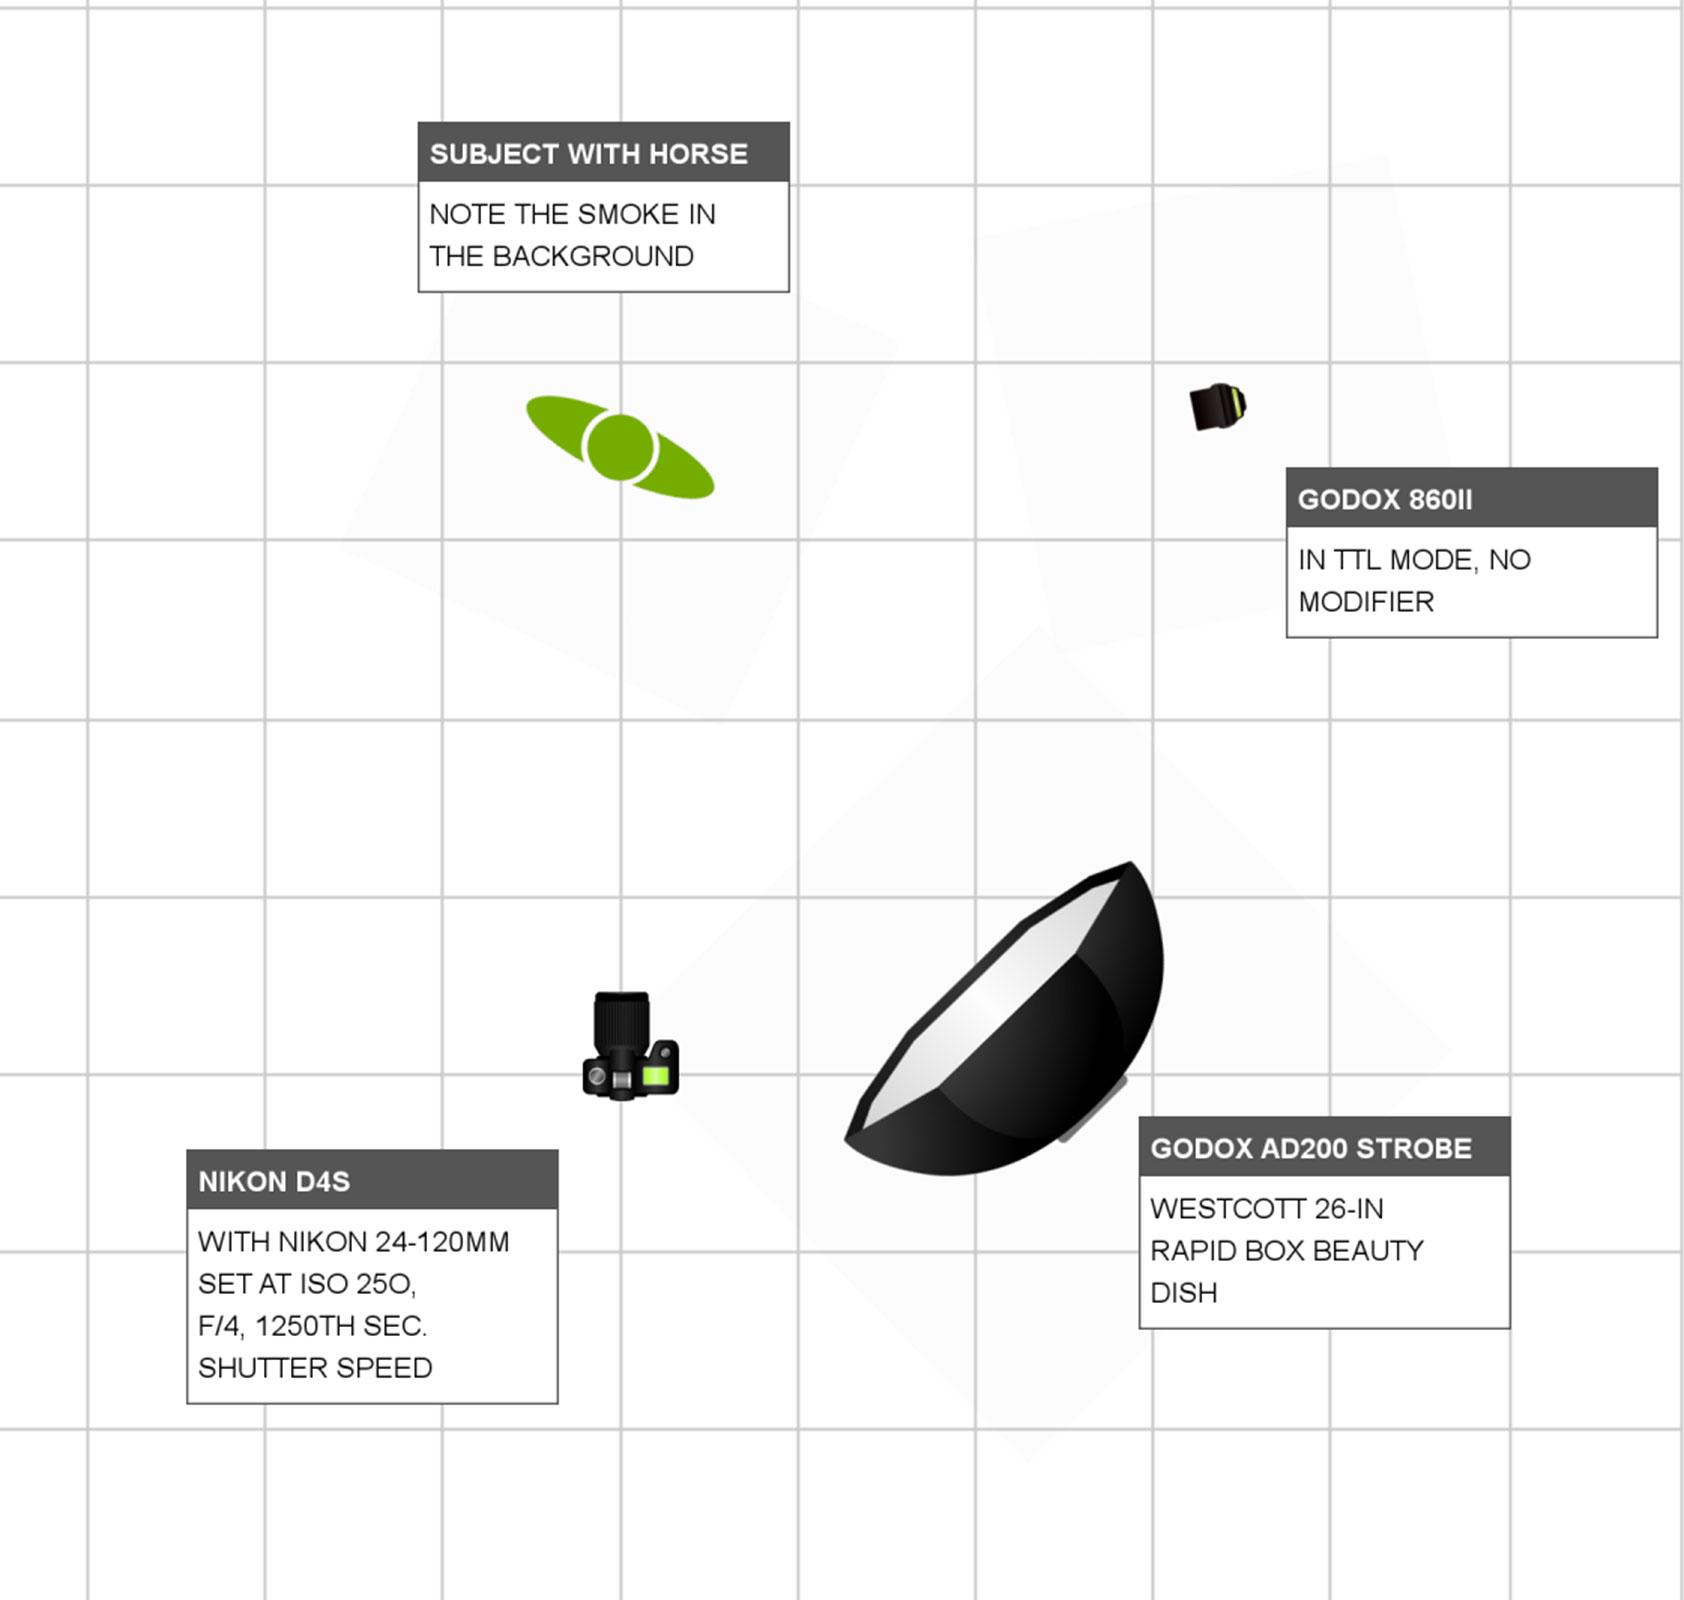 5 Flat Wiring Diagram Wescott - Wiring Diagrams Schematics